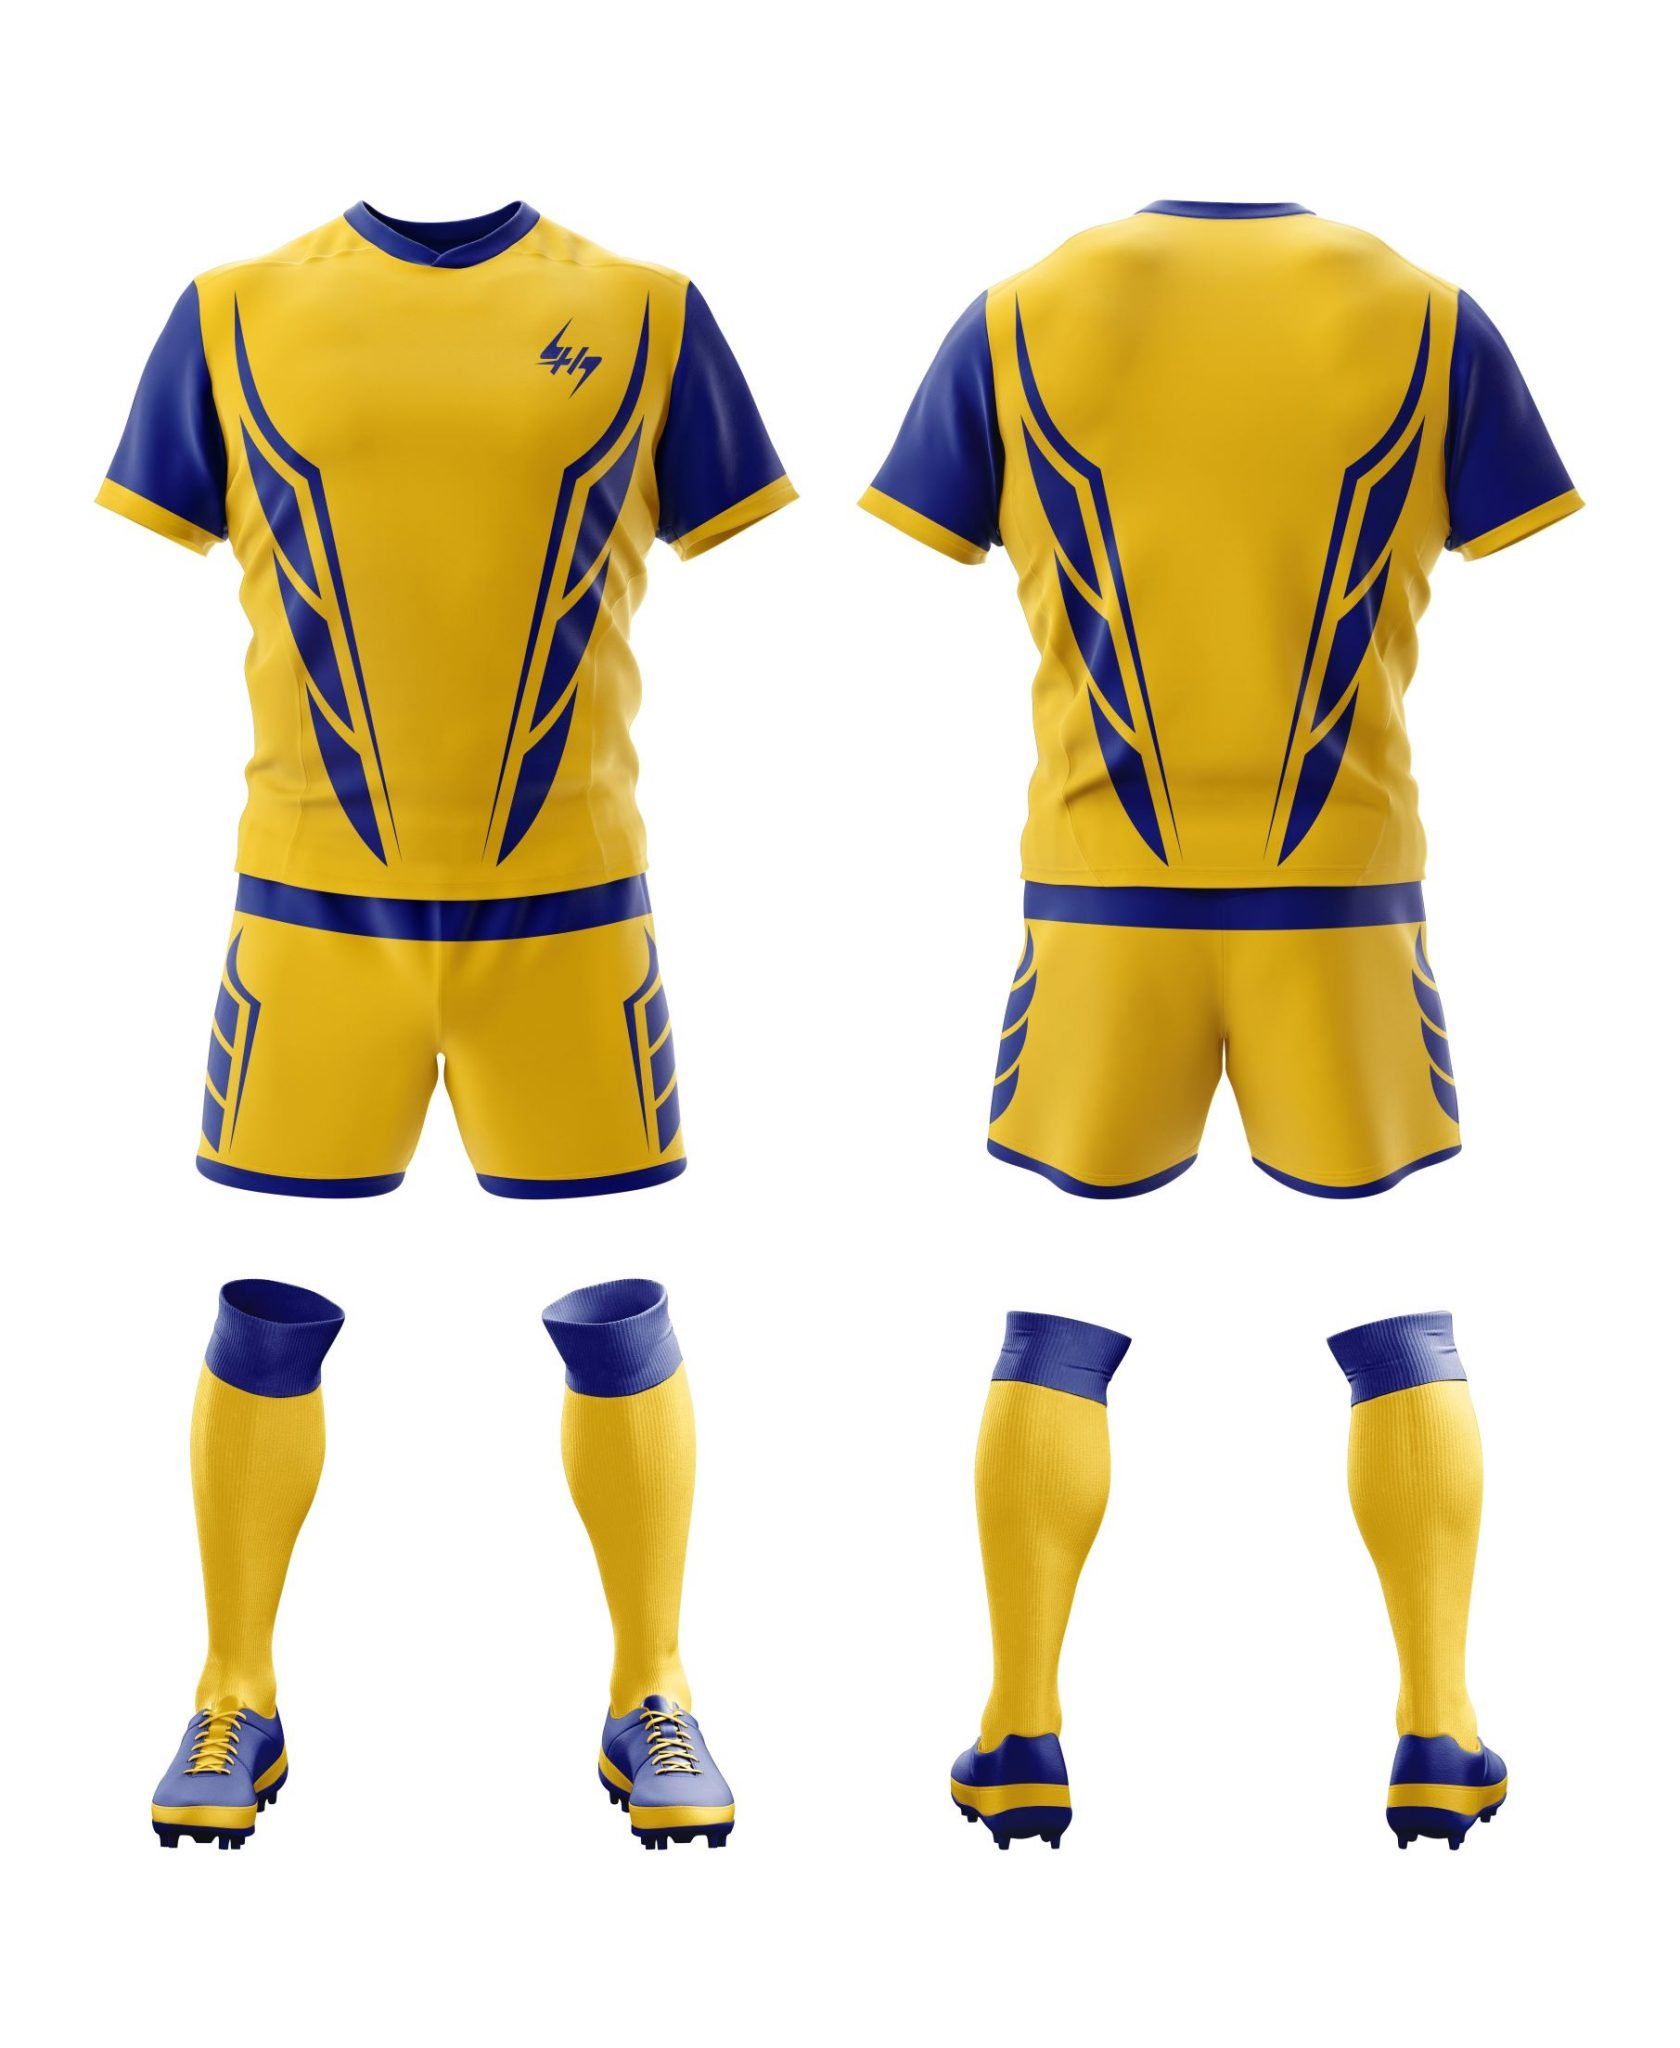 custom rugby uniforms